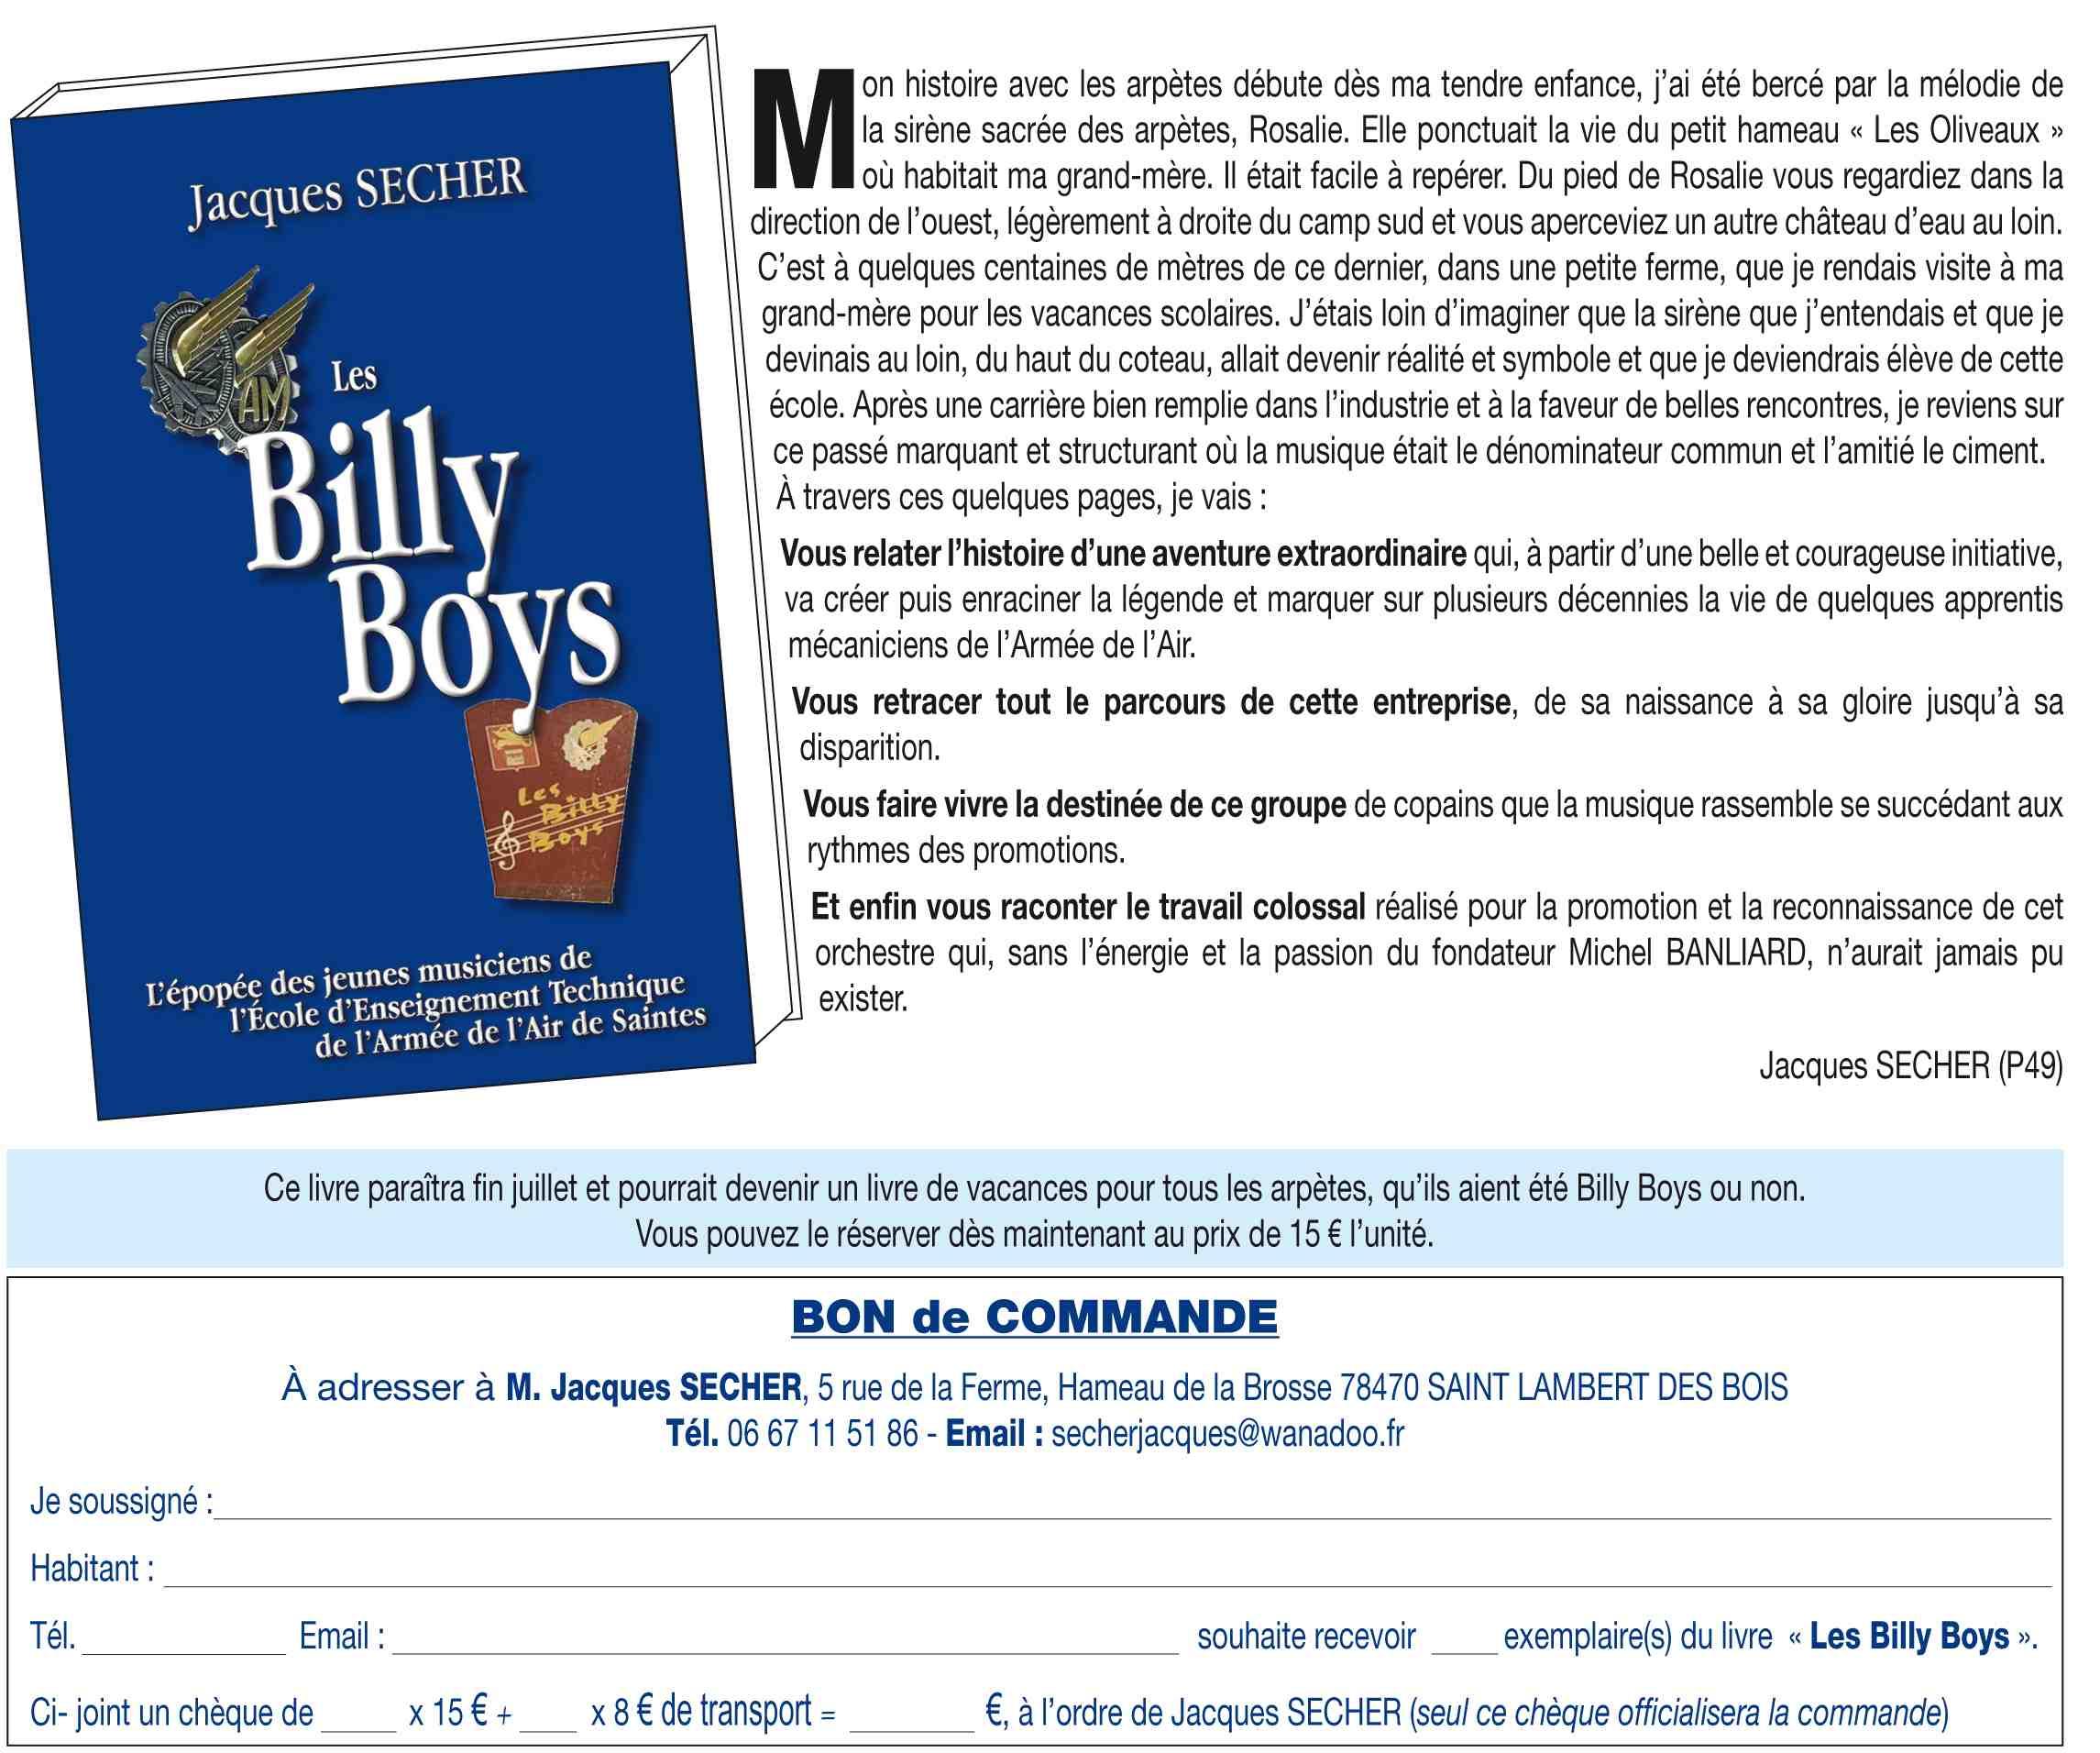 NOUVELLE SOUSCRIPTION POUR LE LIVRE DES BILLY BOYS 1